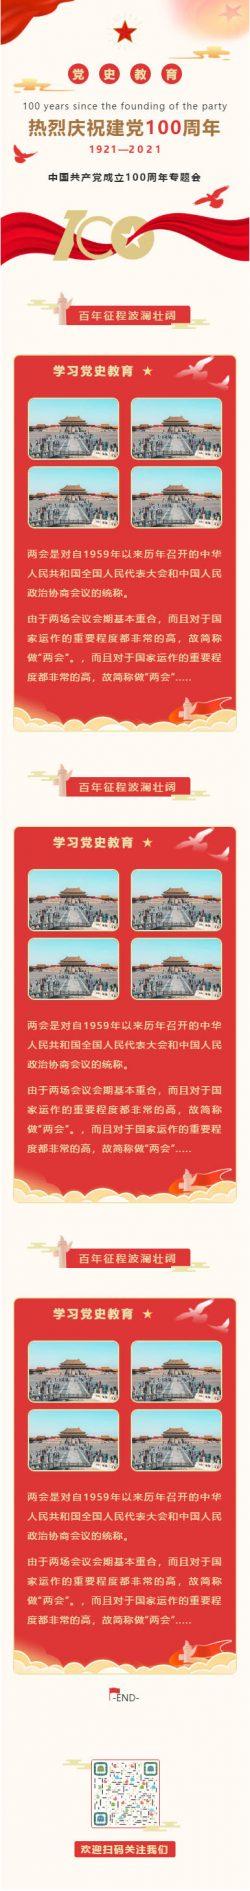 中国共产党成立100周年两会微信公众号党建推文模板建党节推送图文素材